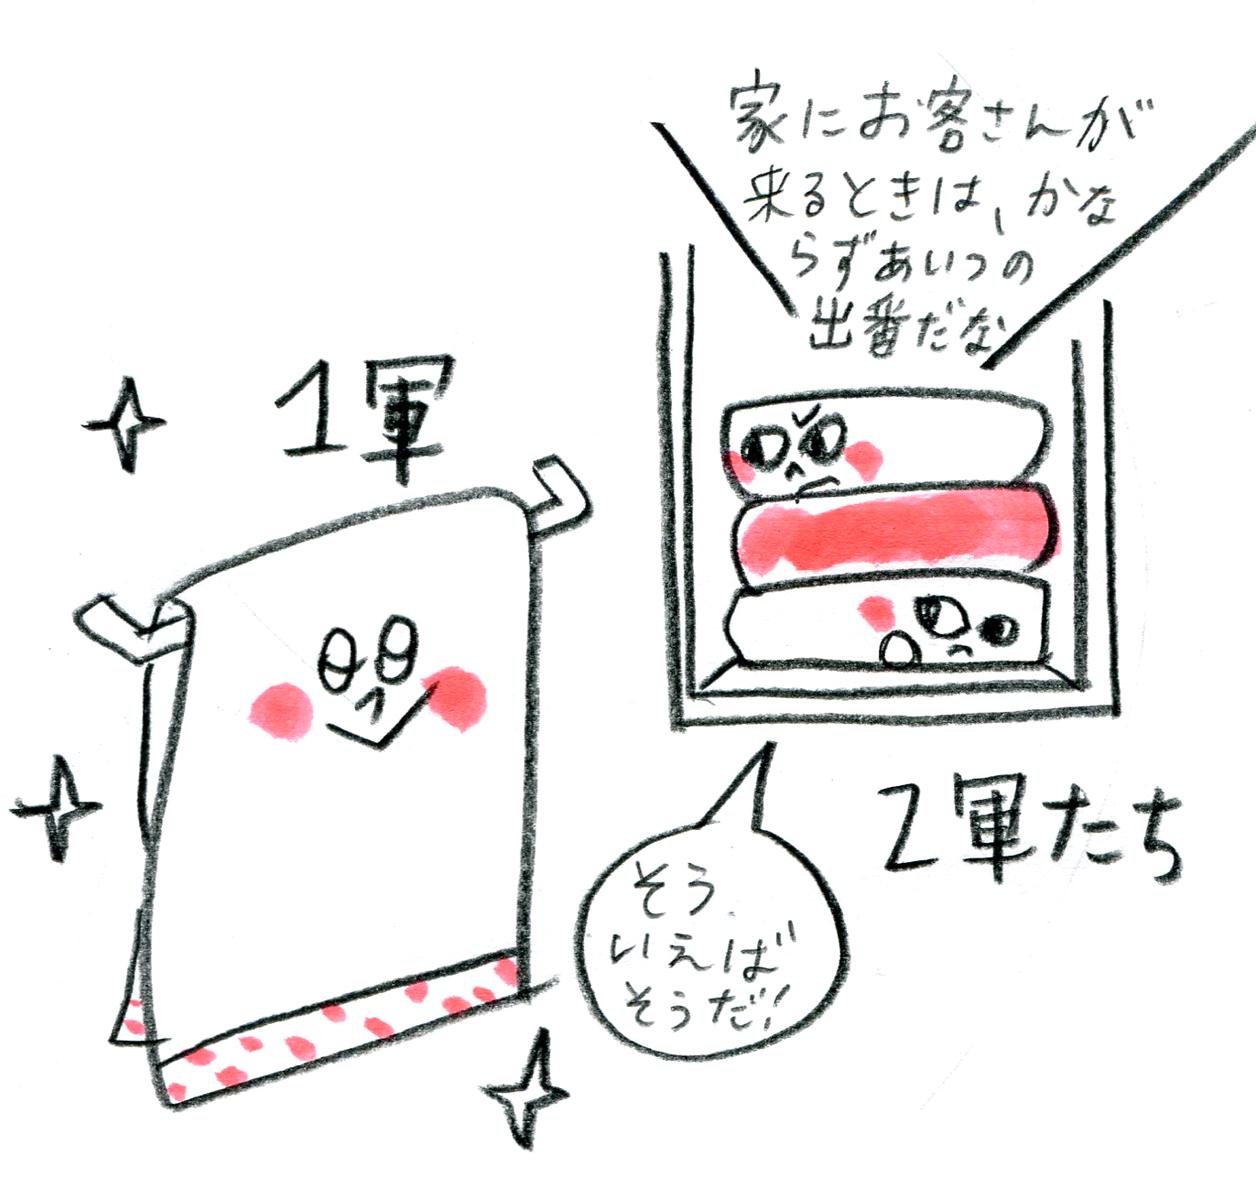 【タオルの気持ち②】2軍タオル